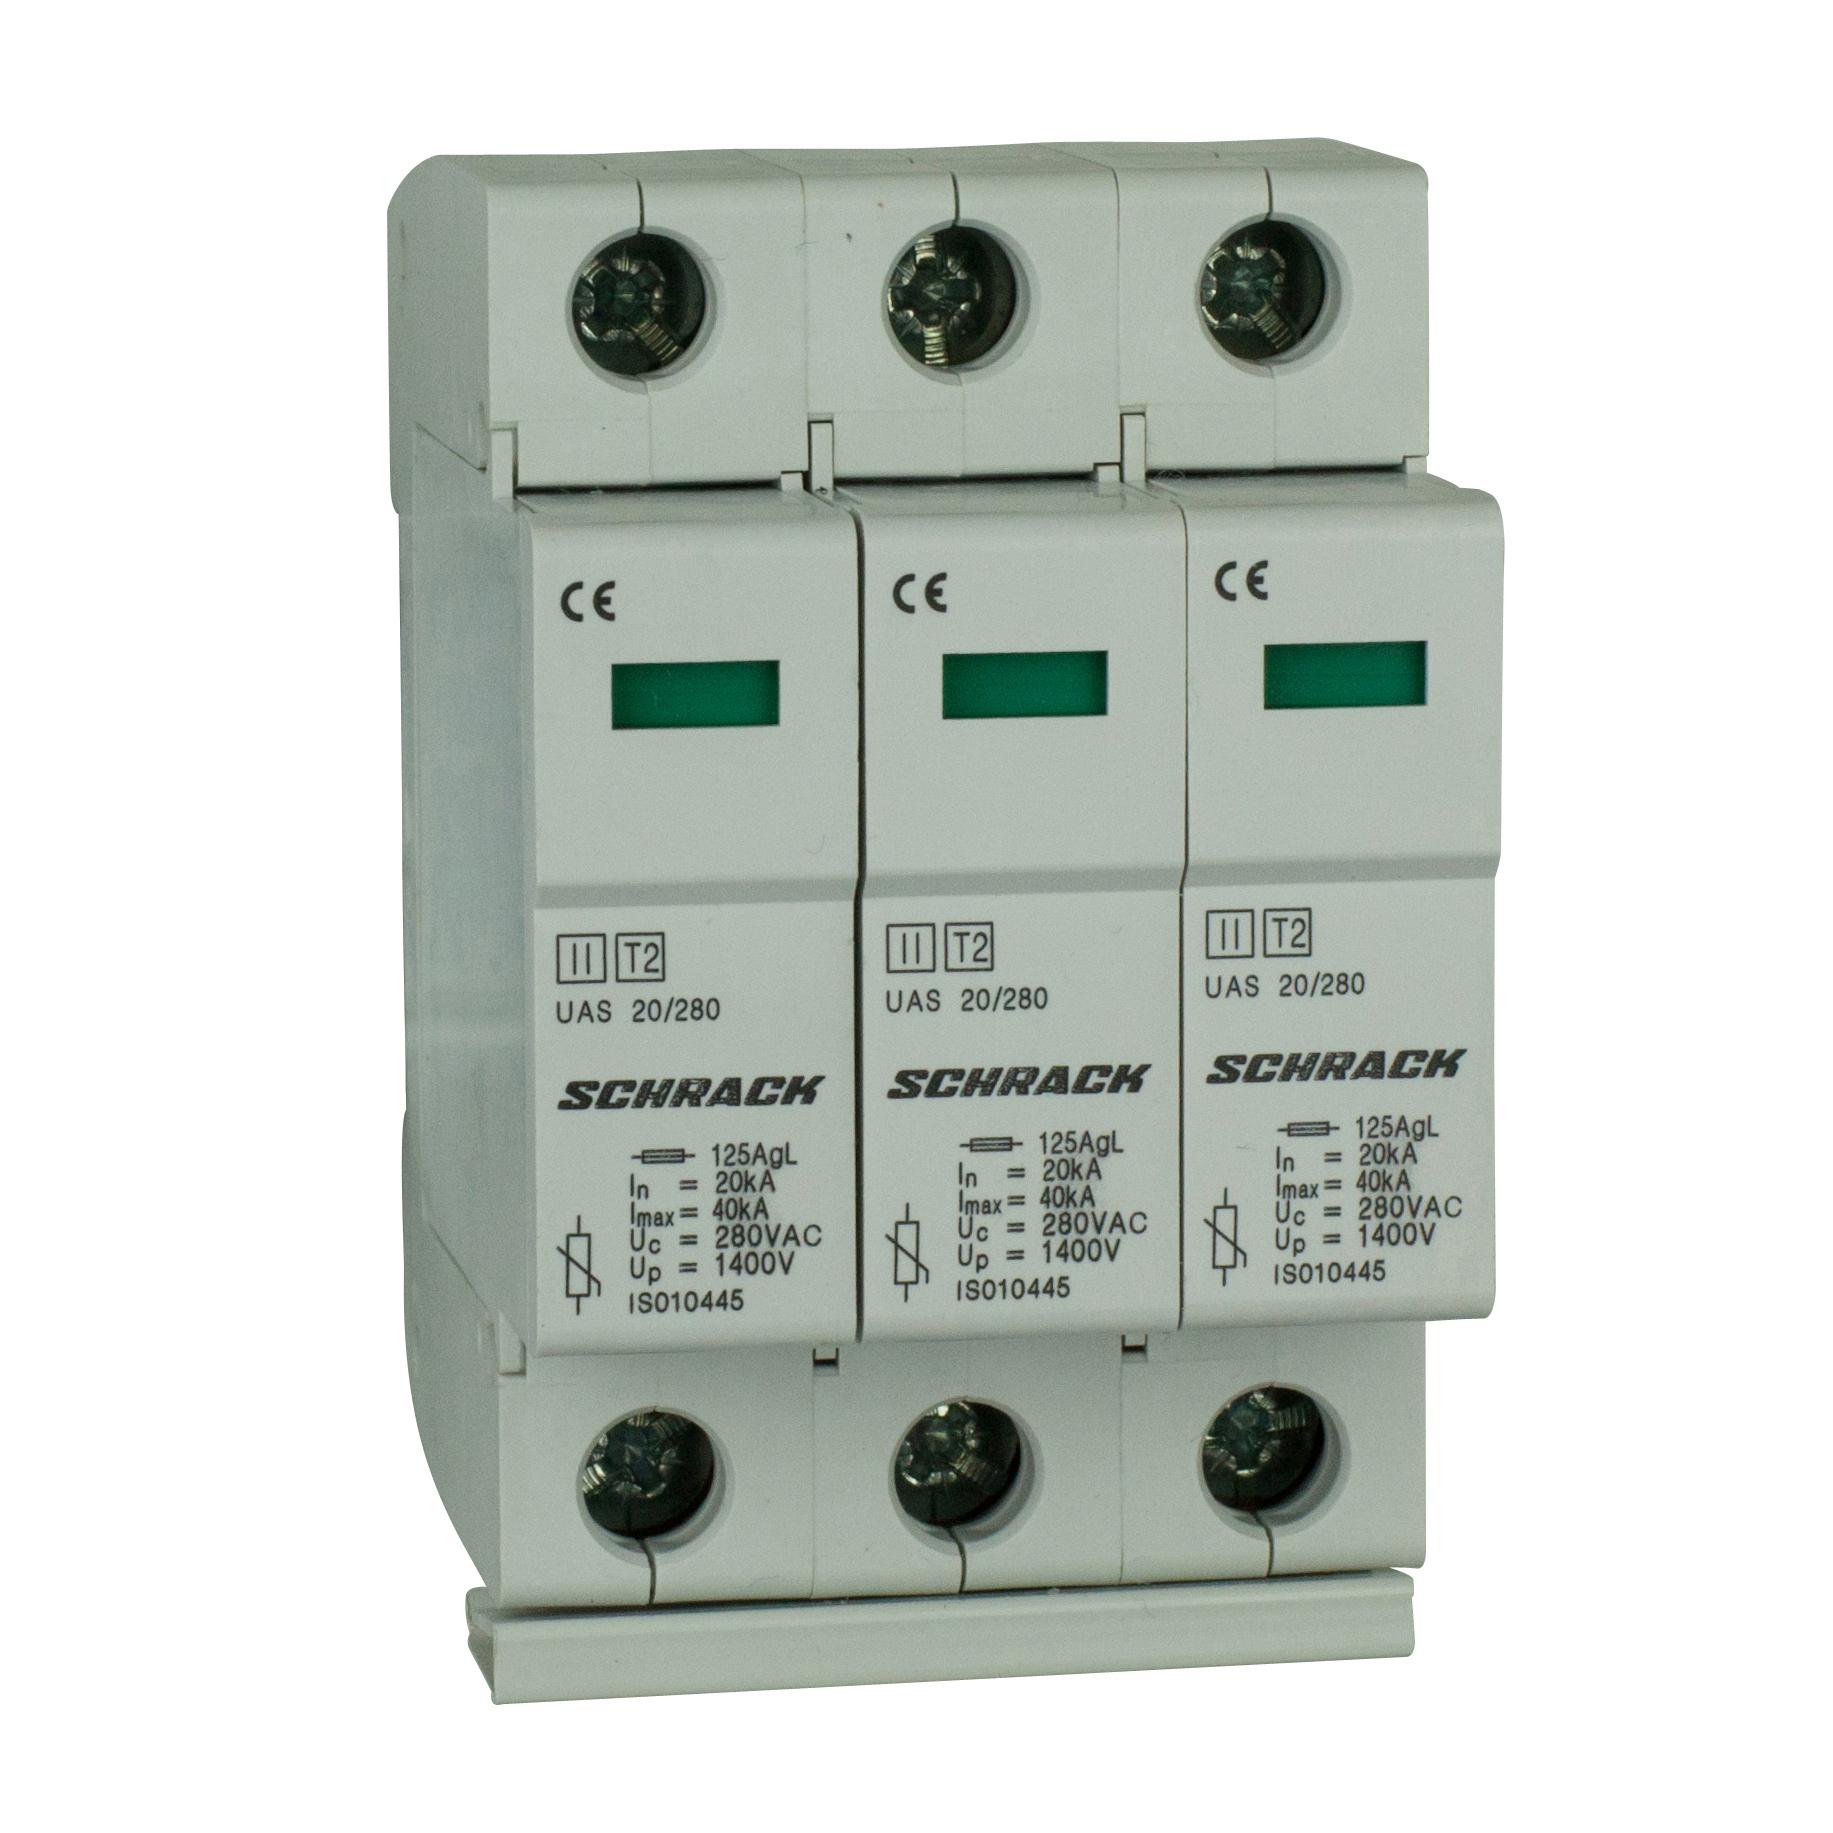 1 Stk T2/C - Ableiter komplett, 3p, 3x20kA/280V - Serie UAS IS010448--